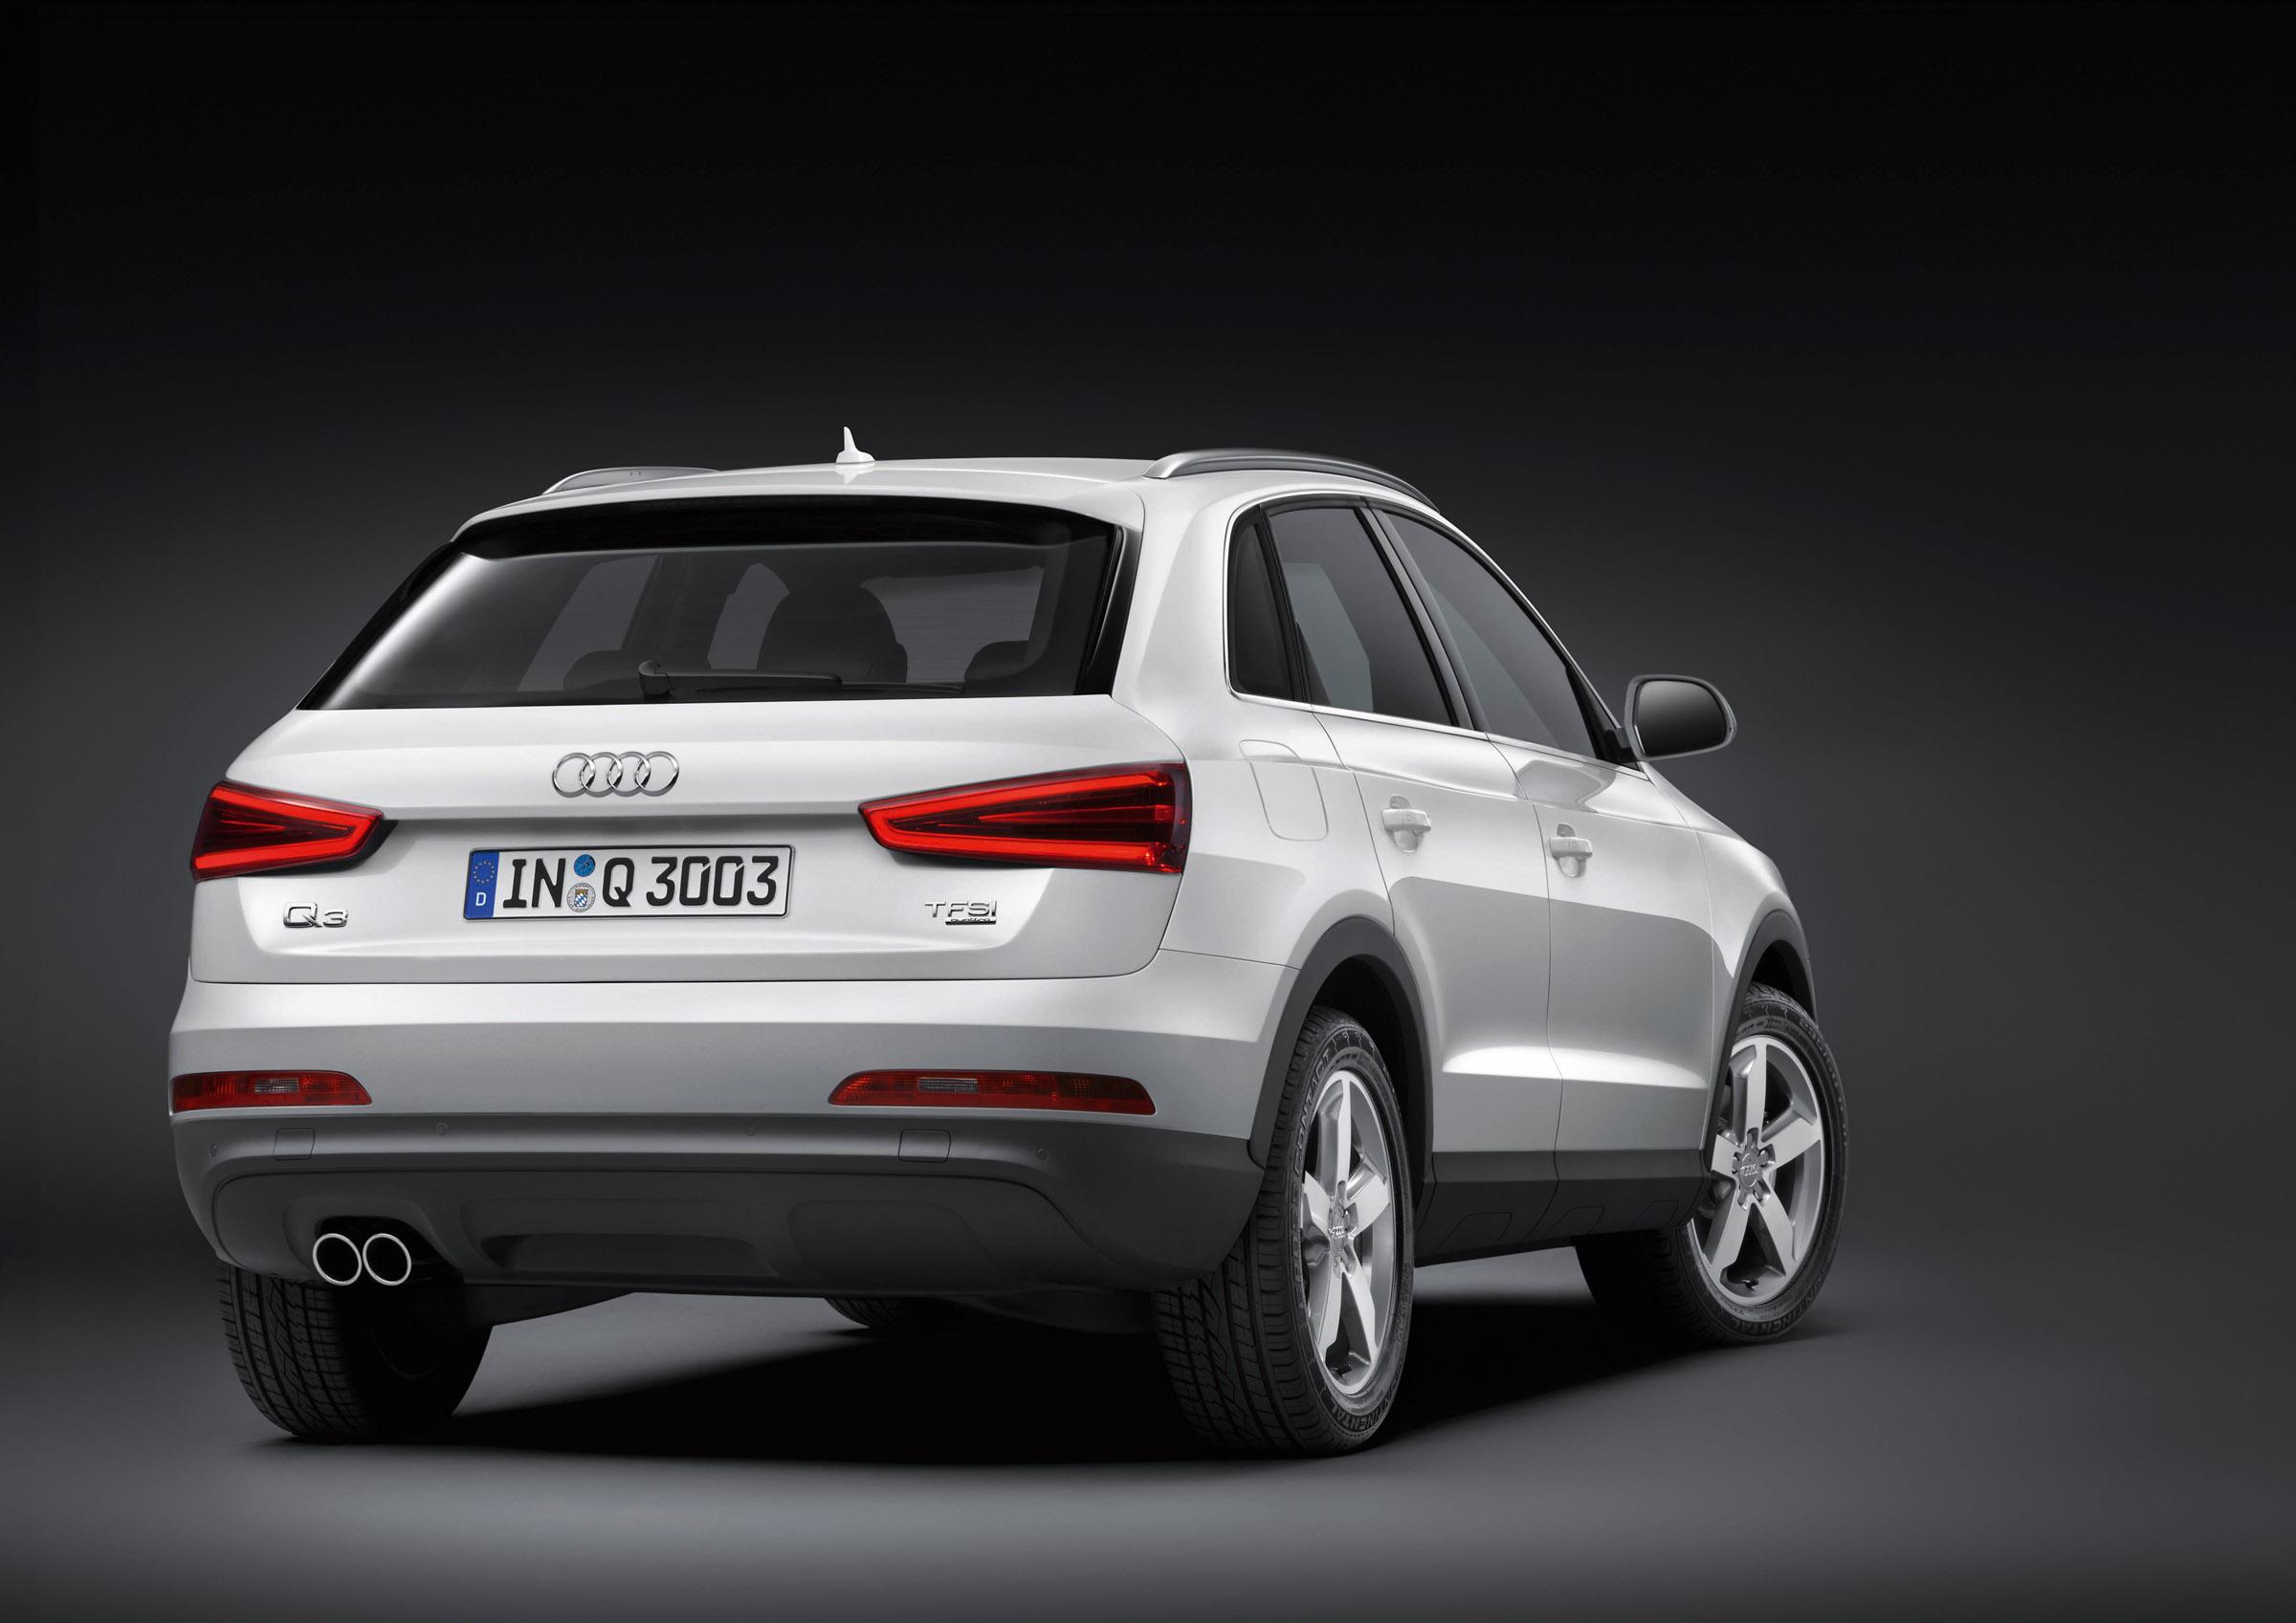 Audi Q Compact SUV Price OTR - Q3 audi price